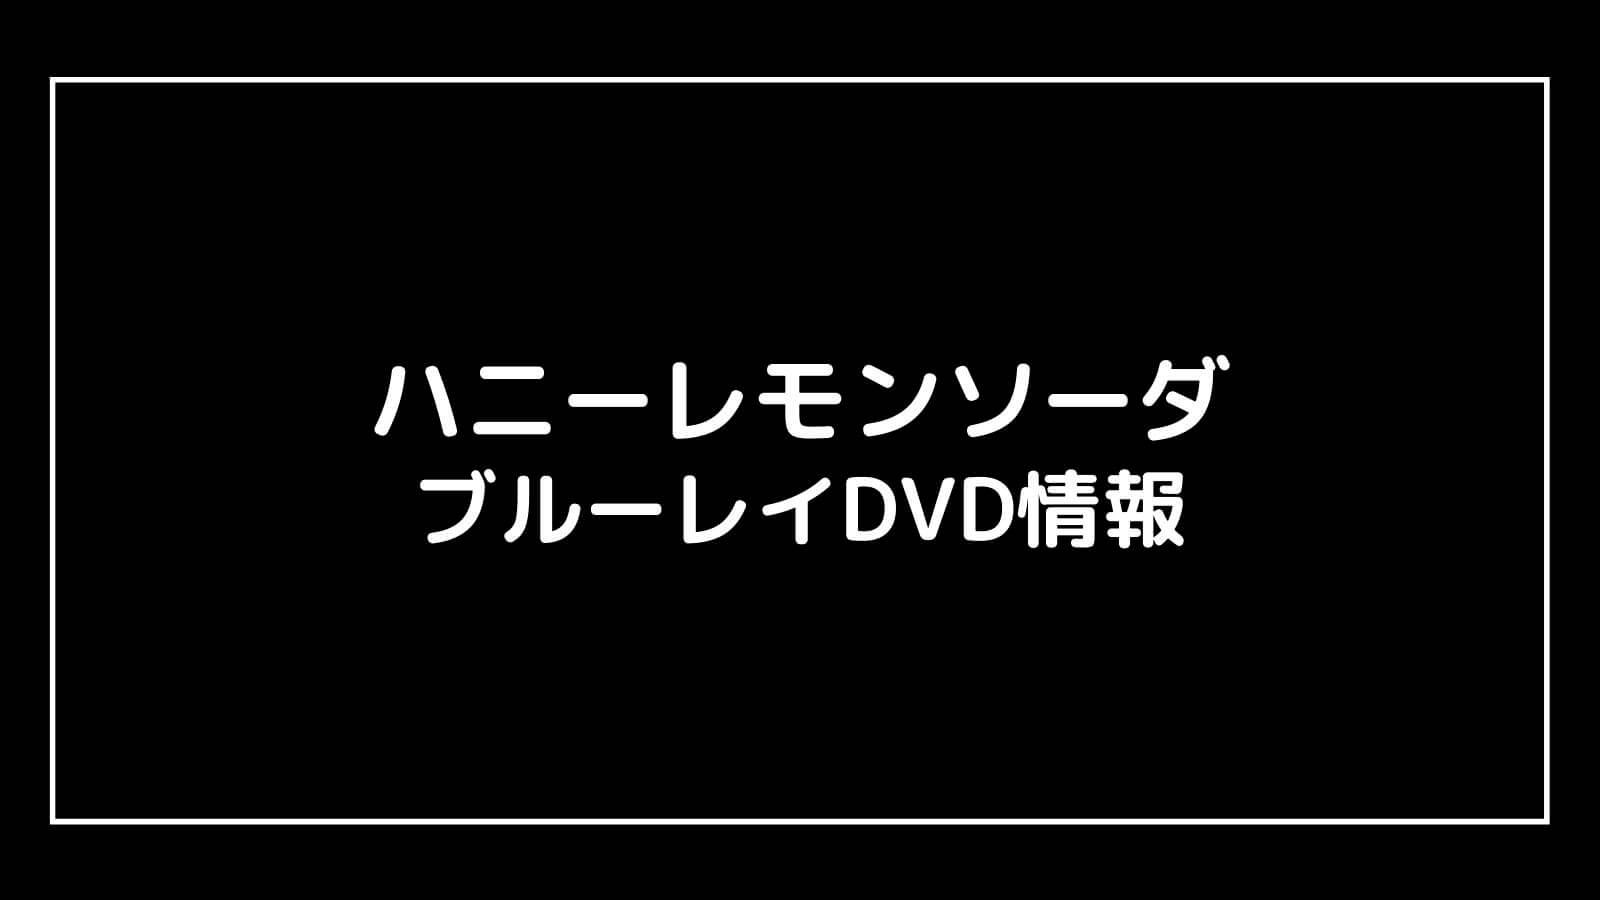 映画『ハニーレモンソーダ』のDVD発売日と予約開始日はいつから?円盤情報まとめ